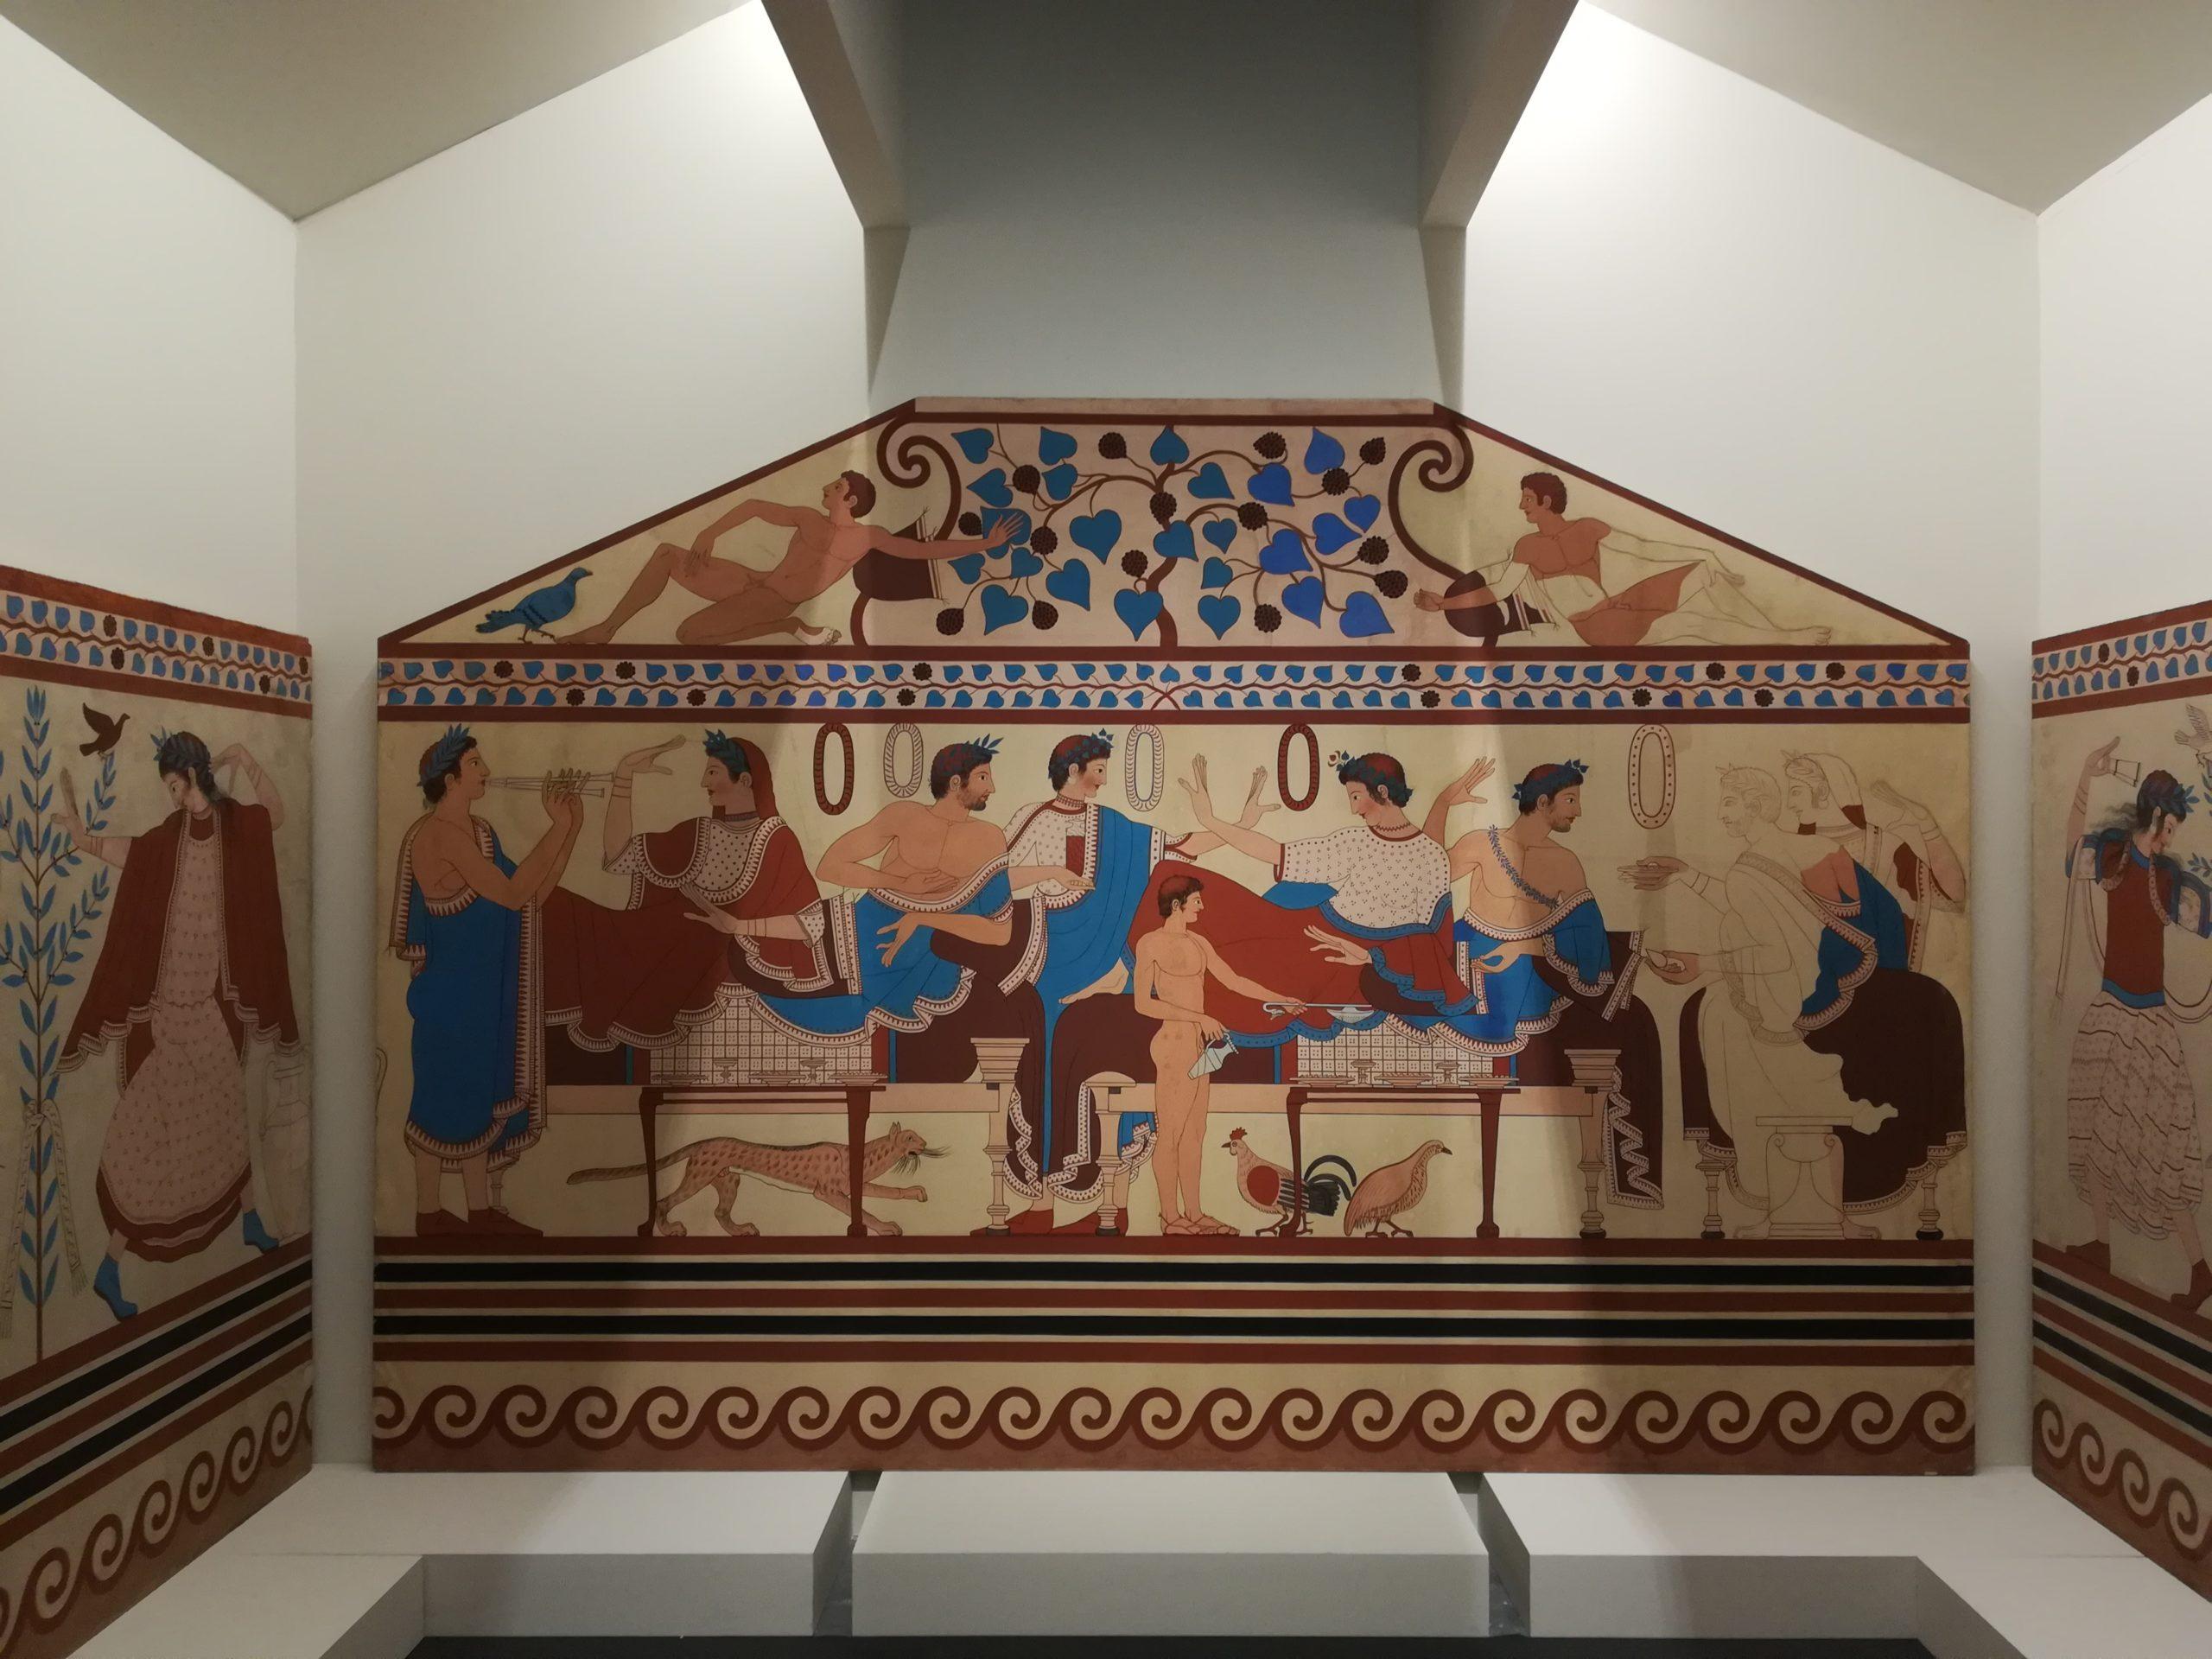 Oggetti funzionali dall'estetica meravigliosa. 1400 pezzi per una mega mostra sugli Etruschi a Bologna